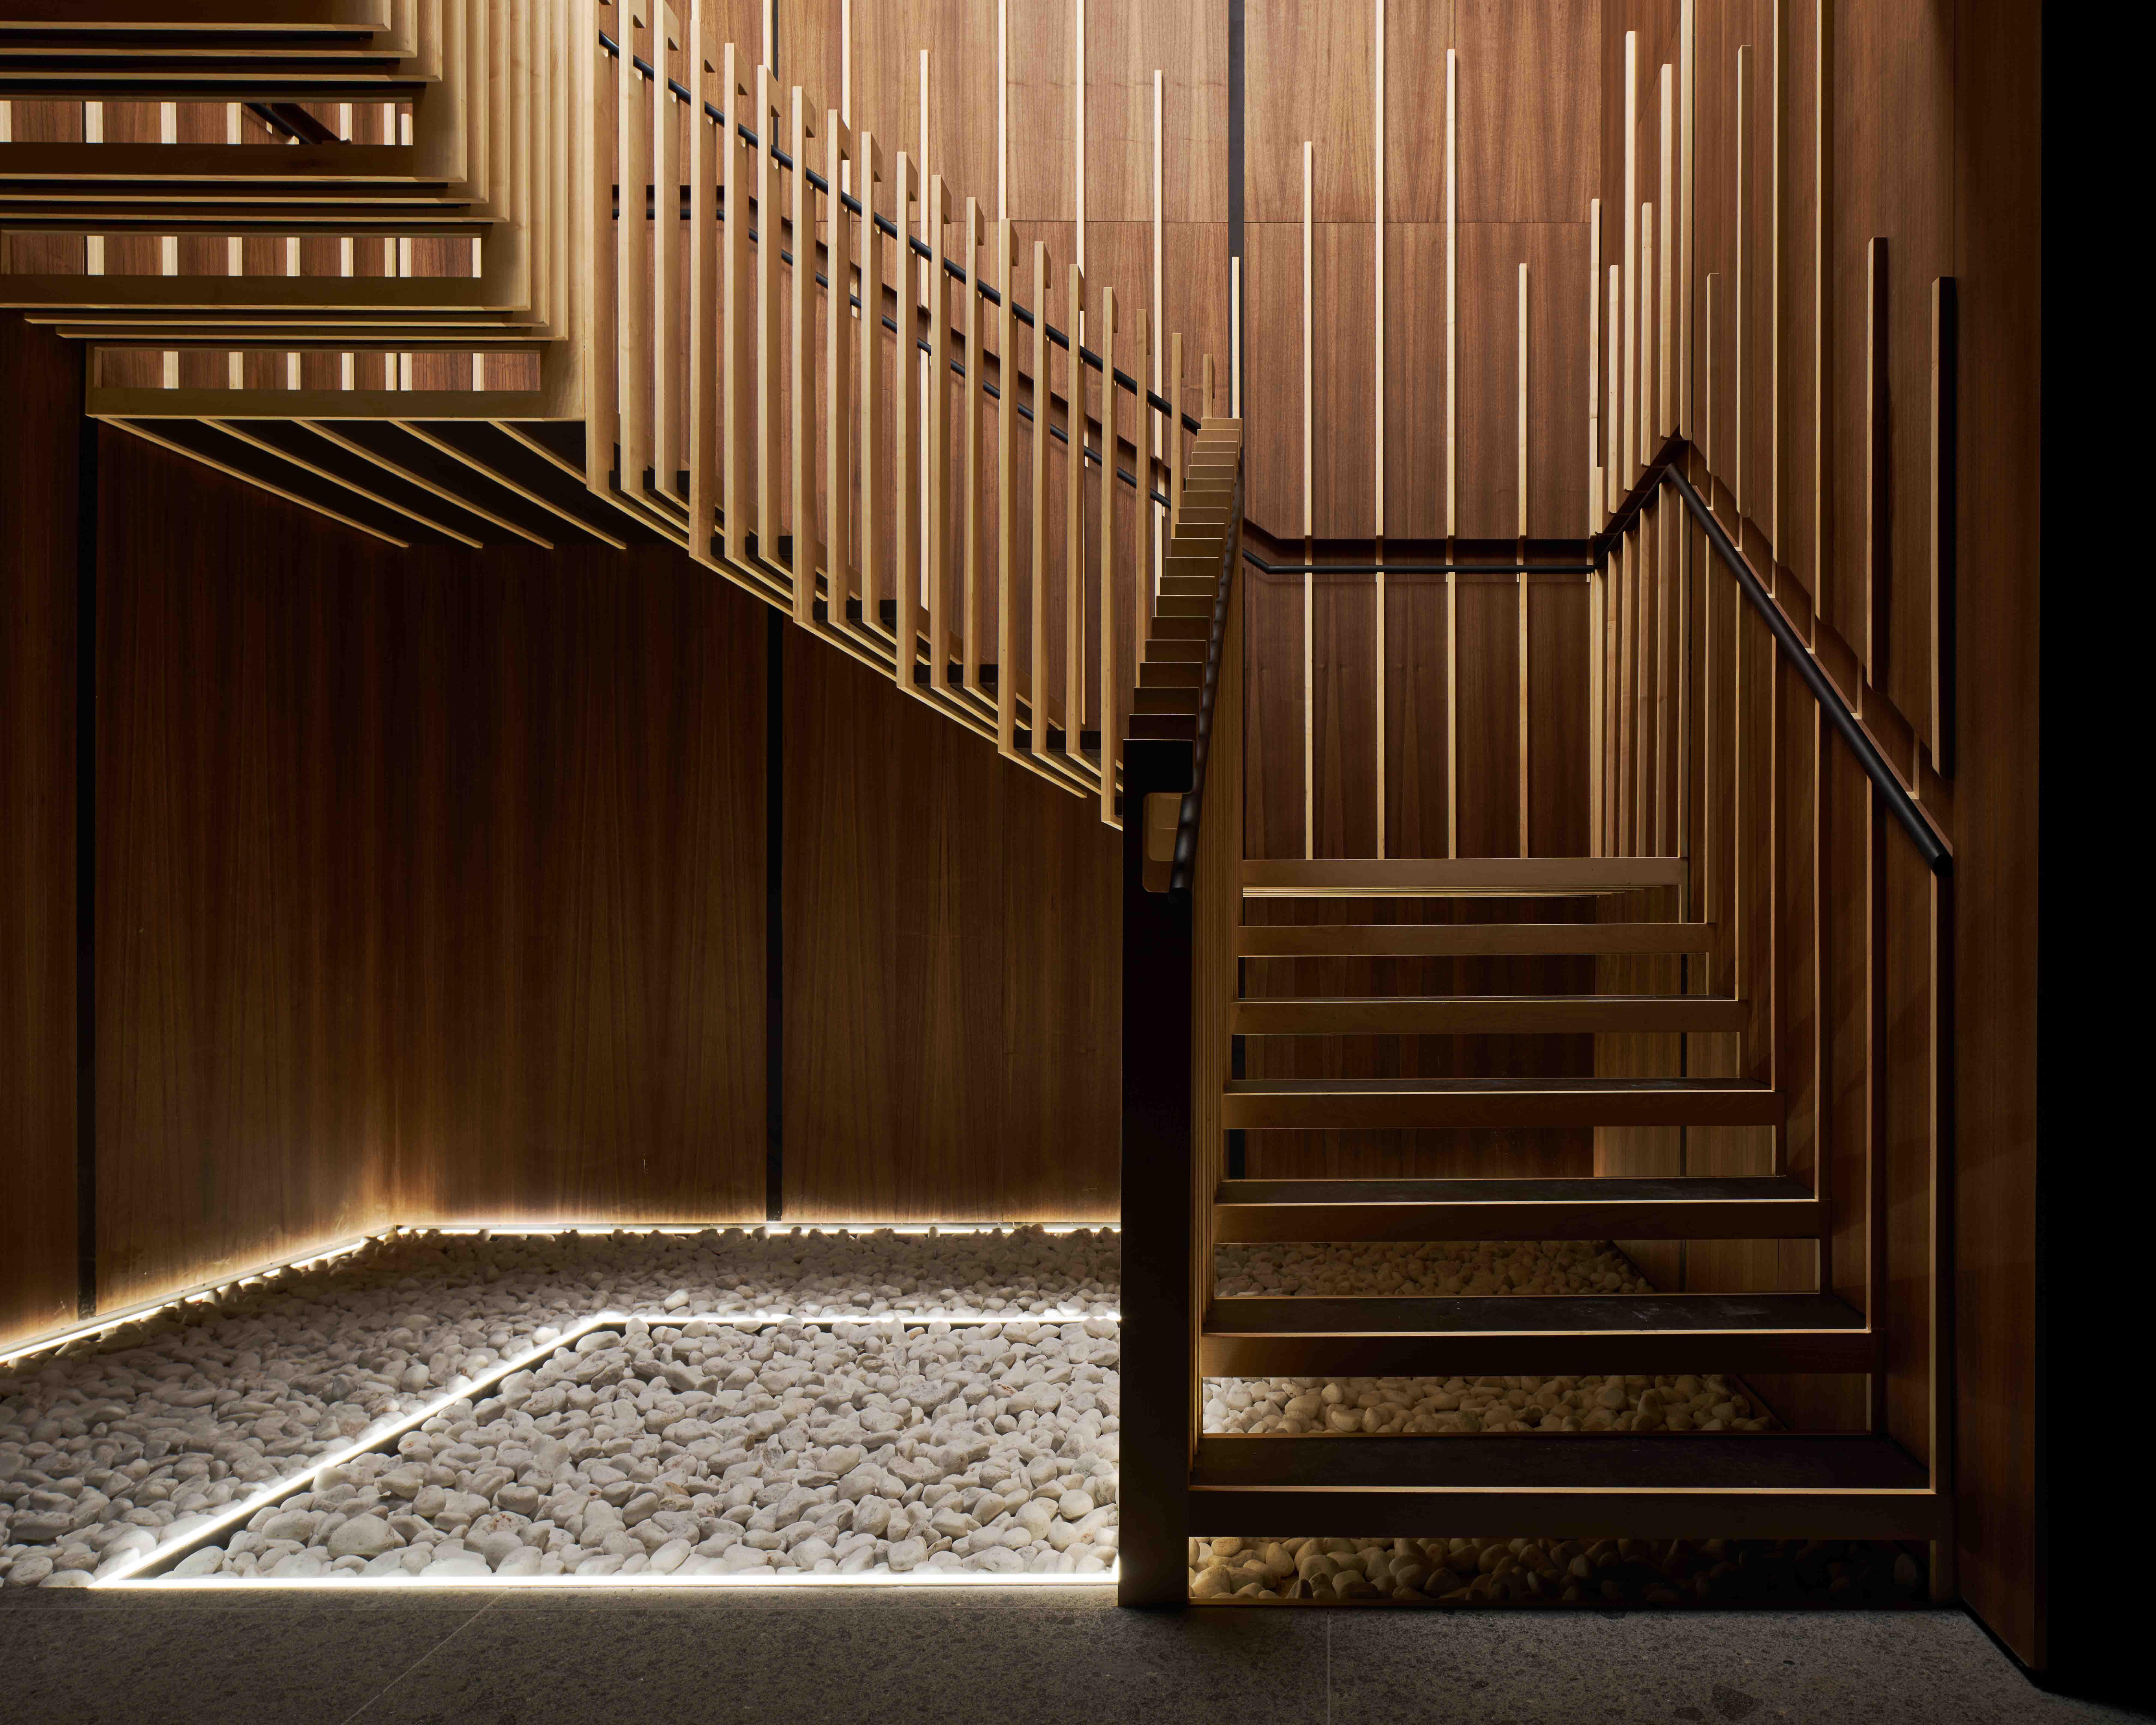 Yen Staircase Japanese Restaurant London